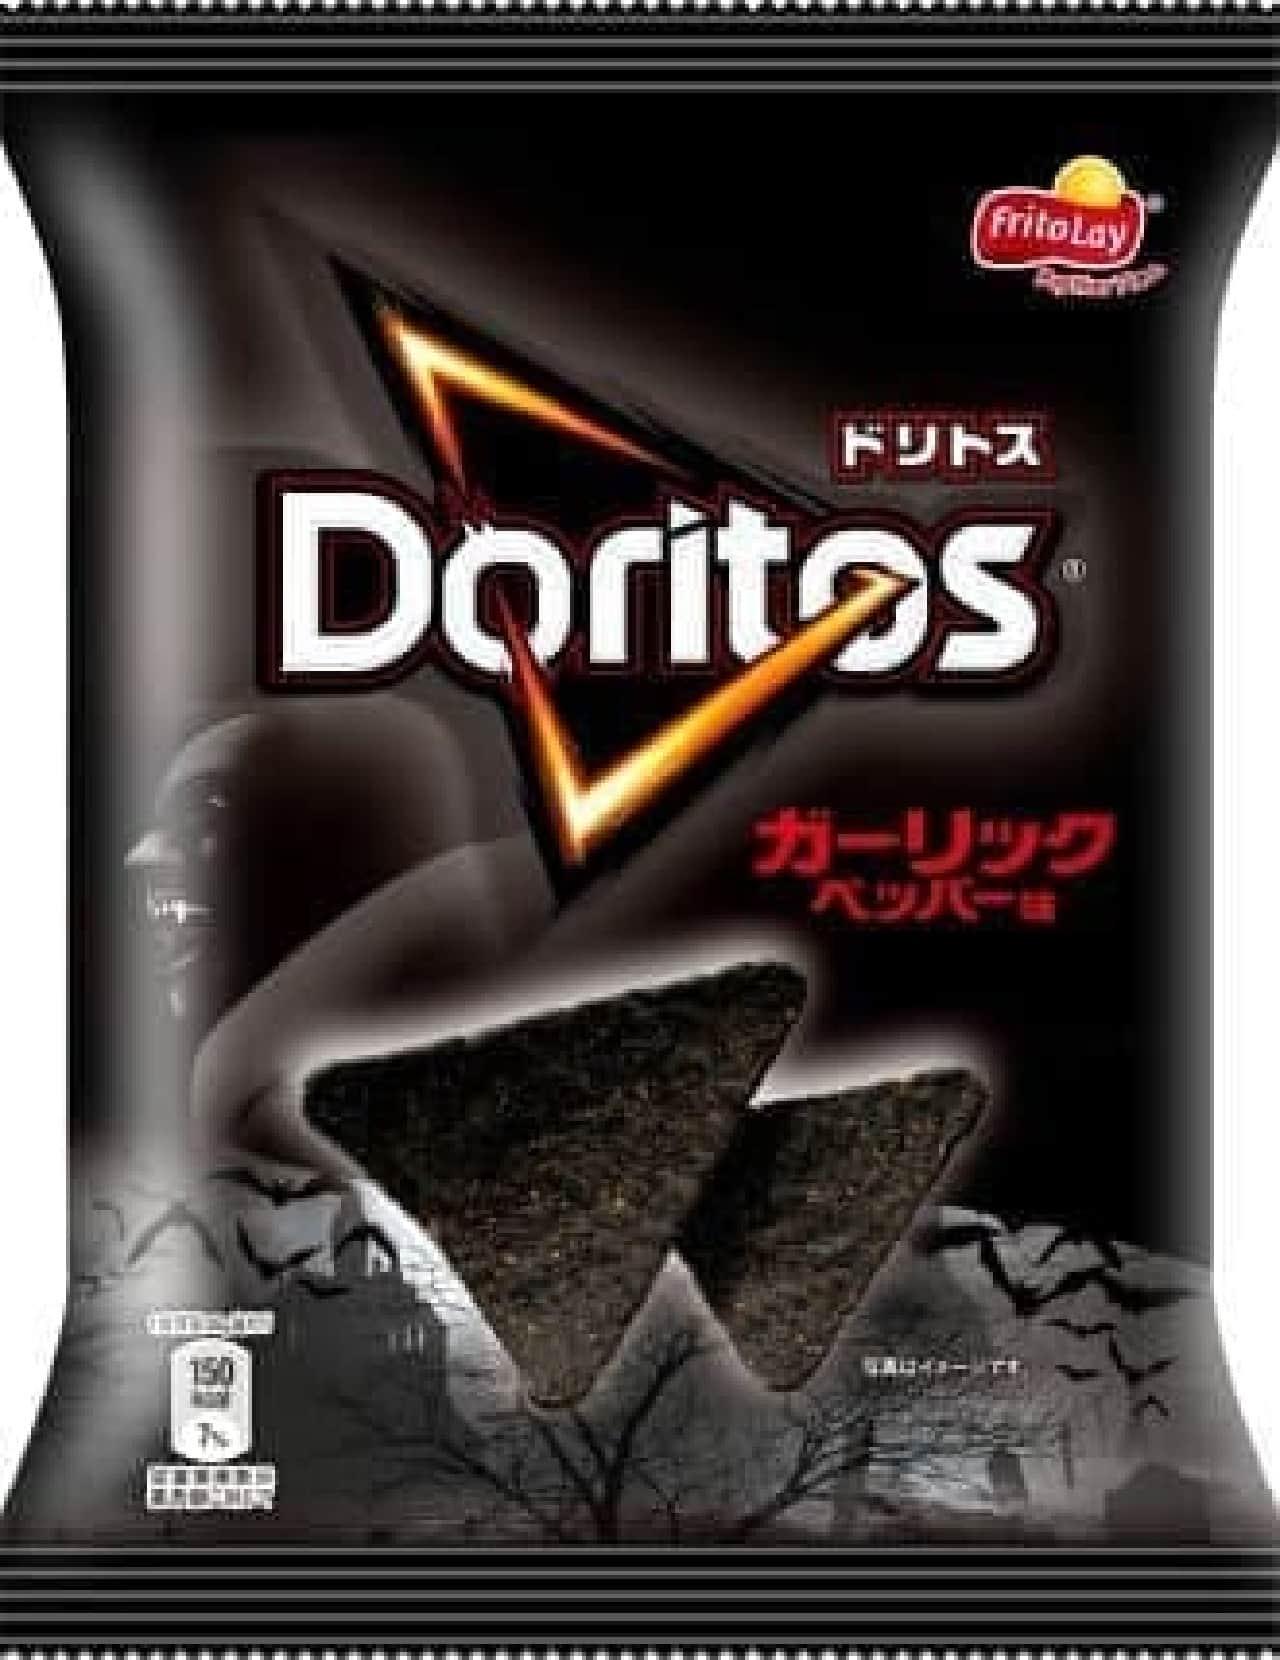 ジャパンフリトレー「ドリトス ガーリックペッパー味」